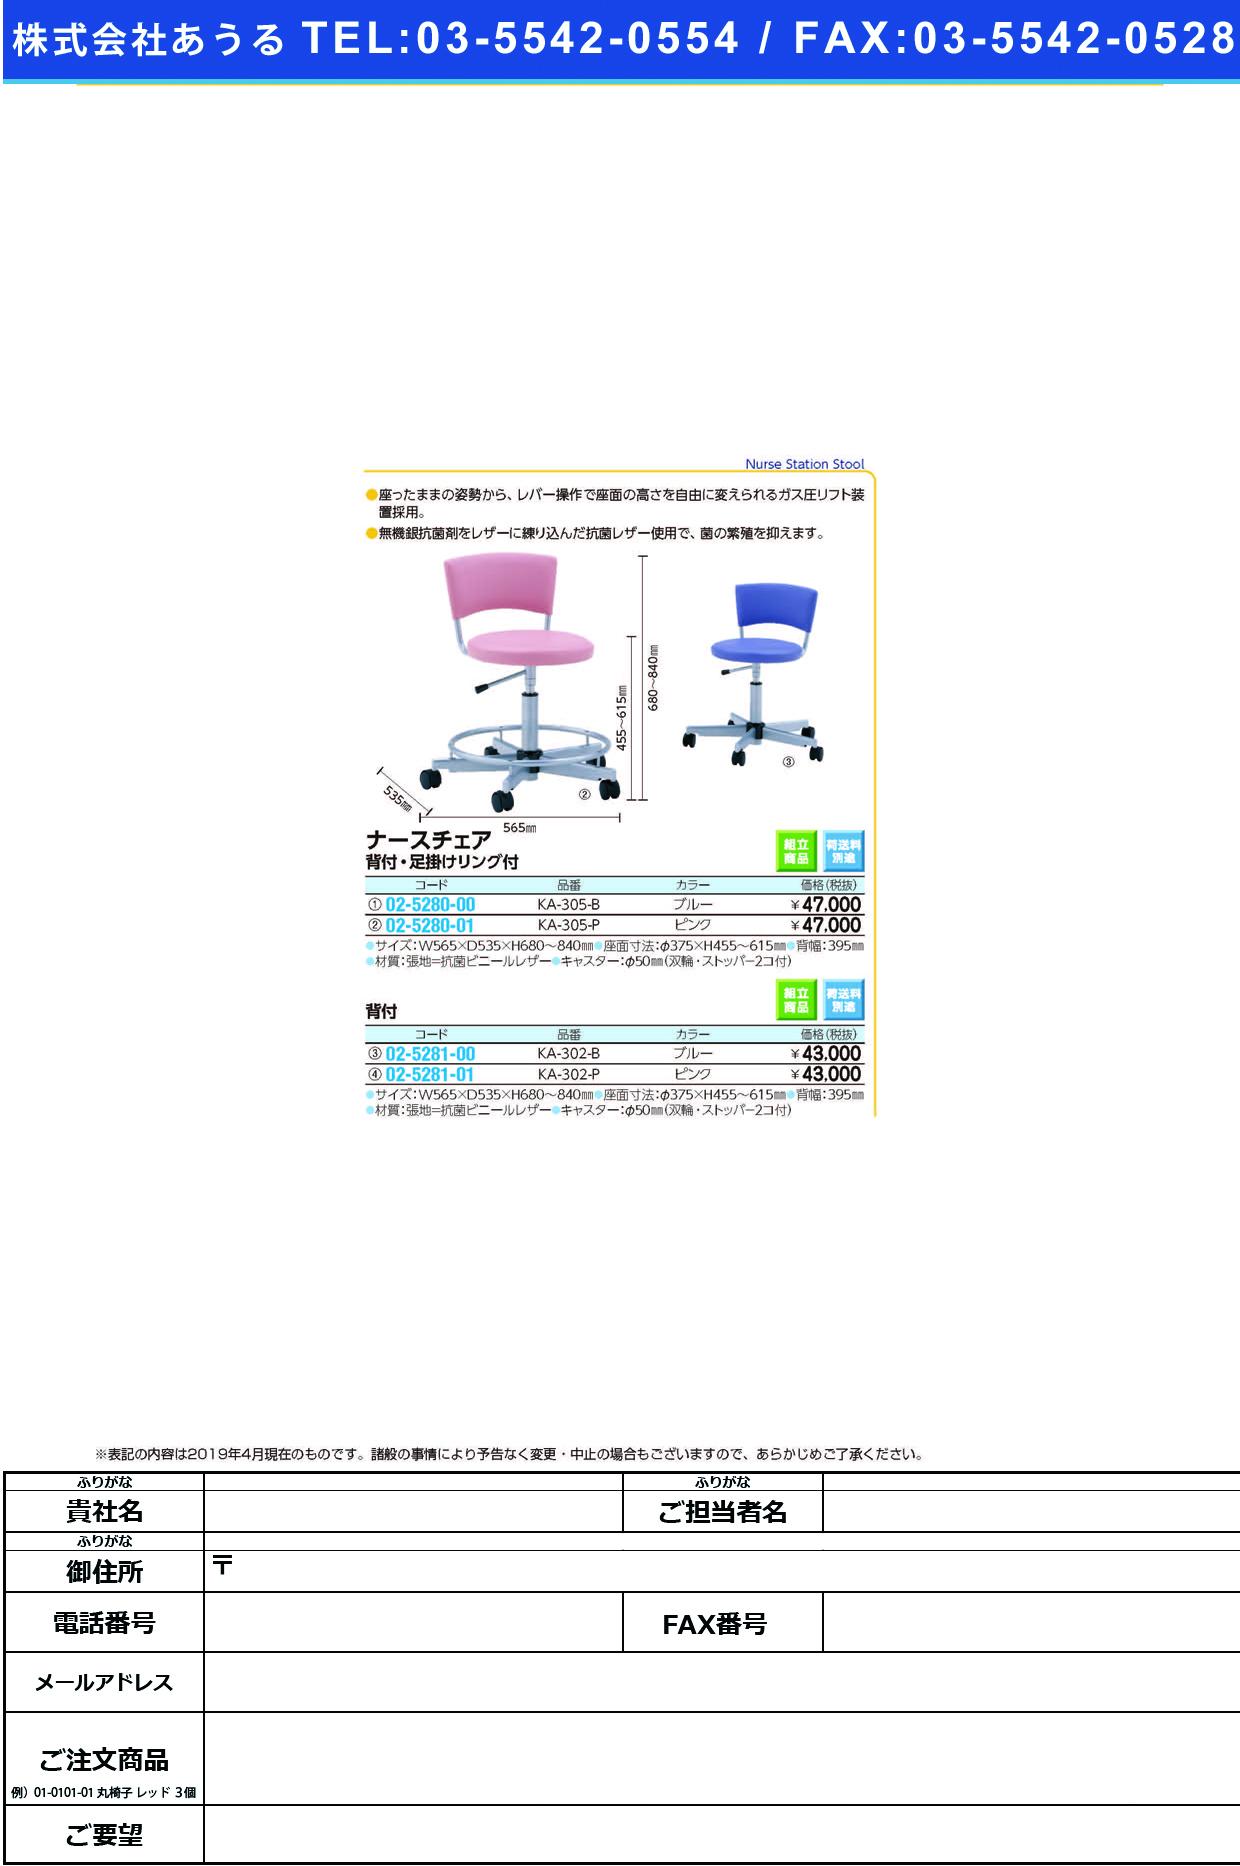 (02-5281-00)ナースステーションチェア KA-302-B(ブルー) KA302B(ケルン)【1台単位】【2019年カタログ商品】